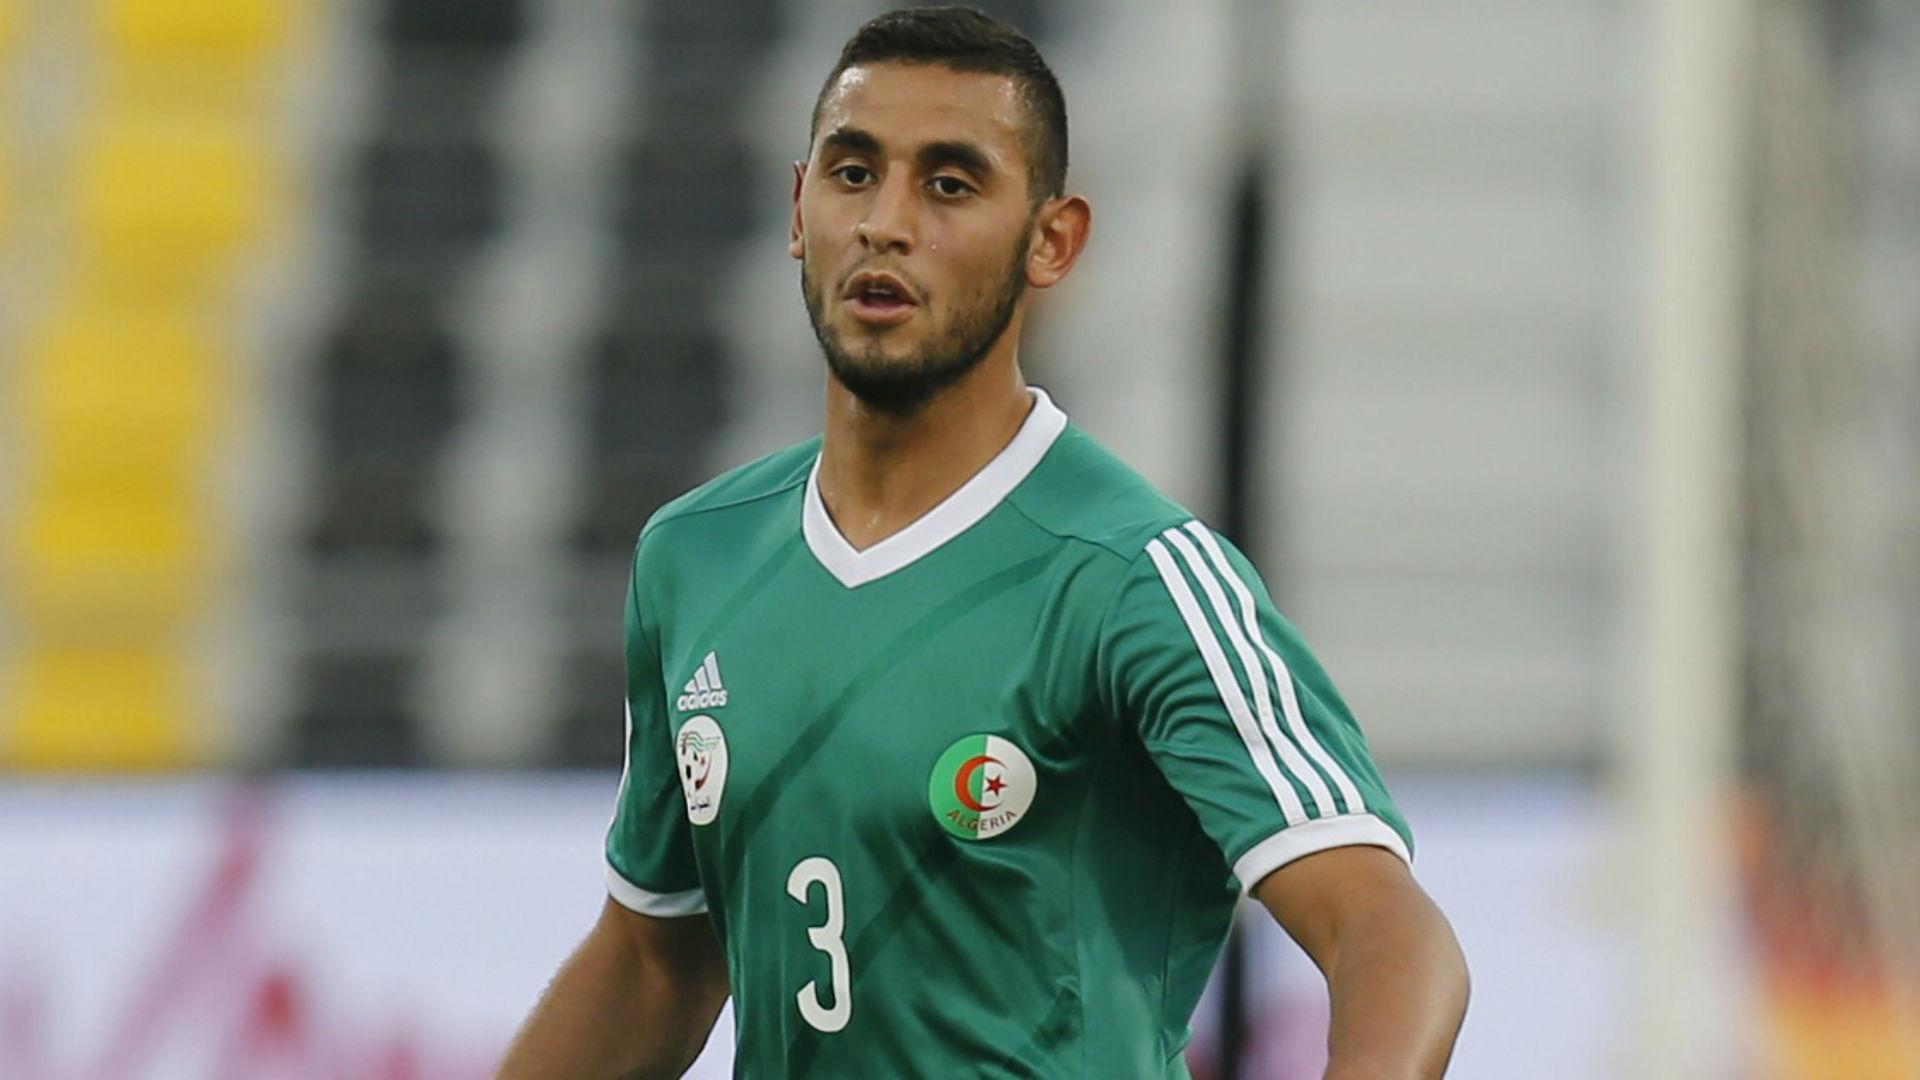 Fawzi Ghoulam Algeria